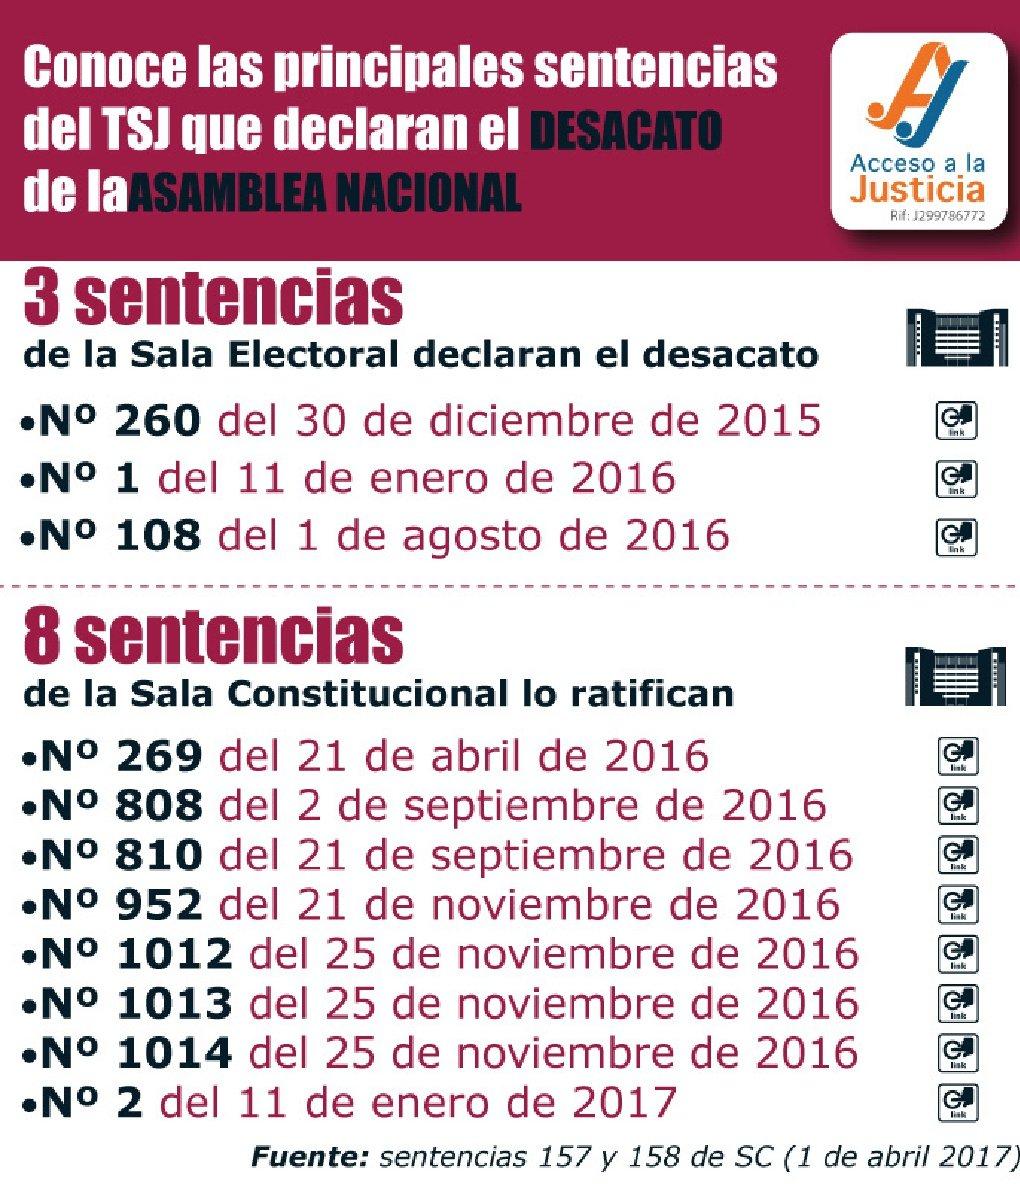 Conoce las principales sentencias del TSJ que declaran el desacato de la Asamblea Nacional